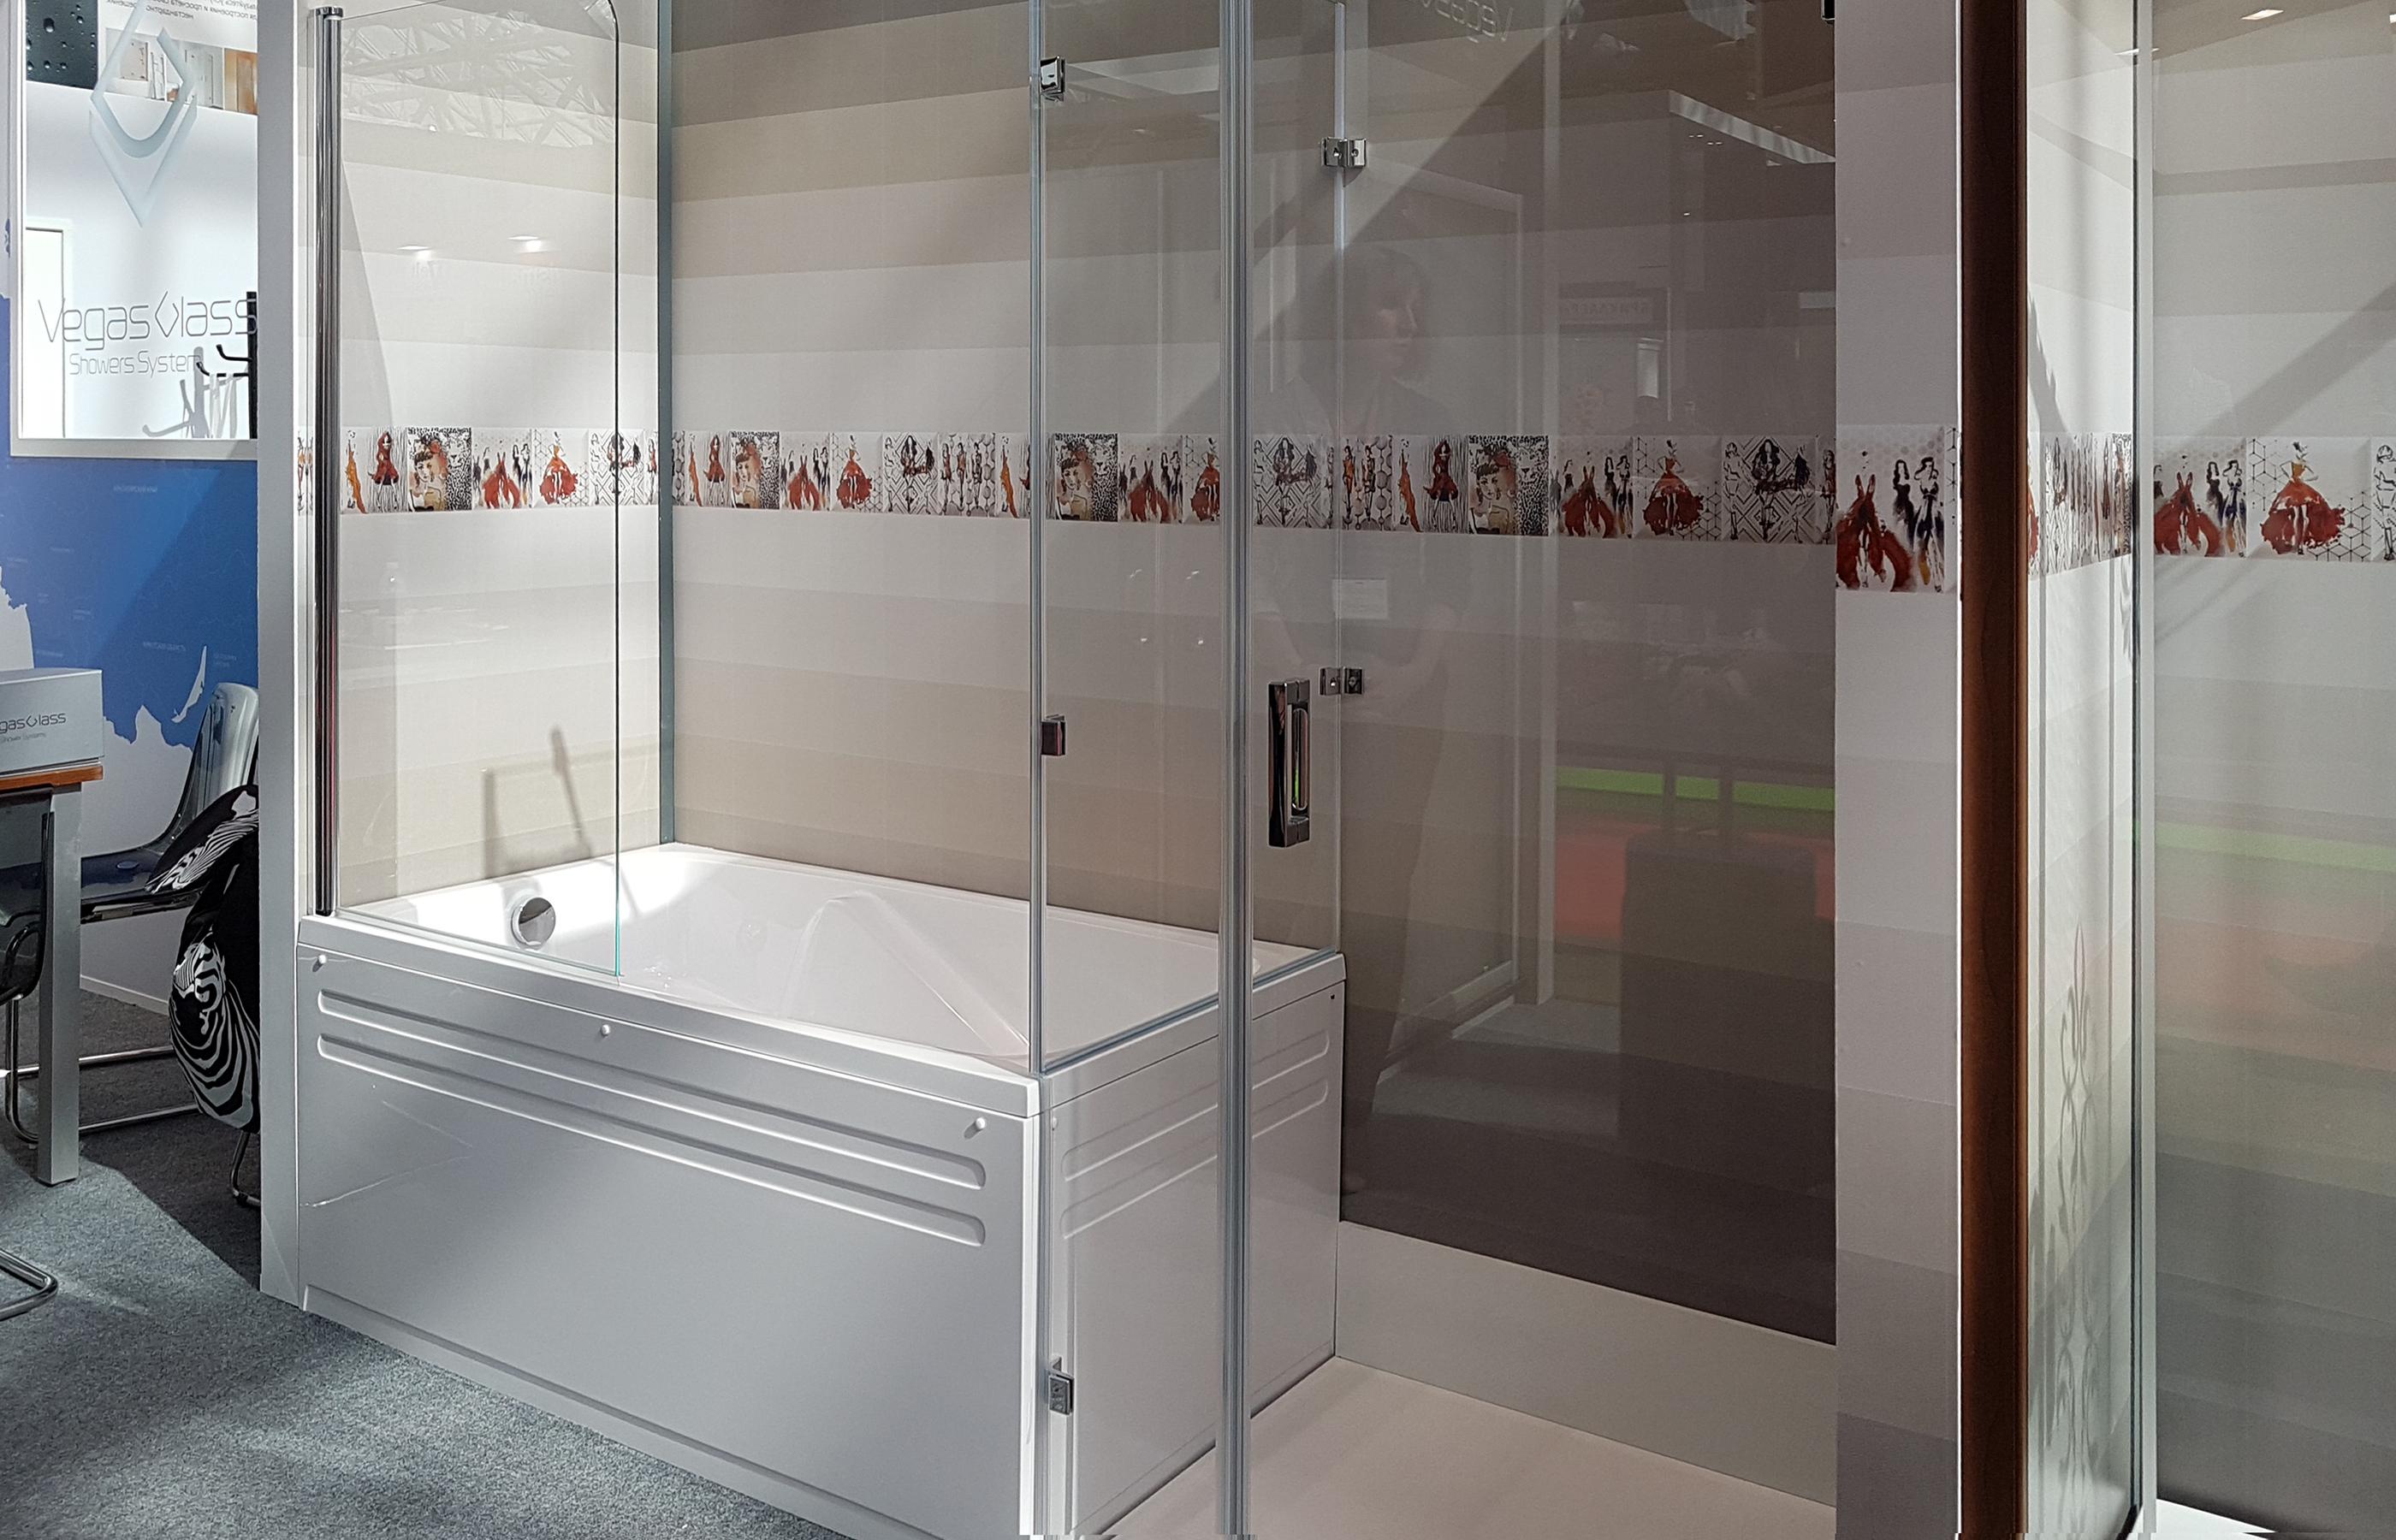 Ванная и душевая кабина в одном помещении